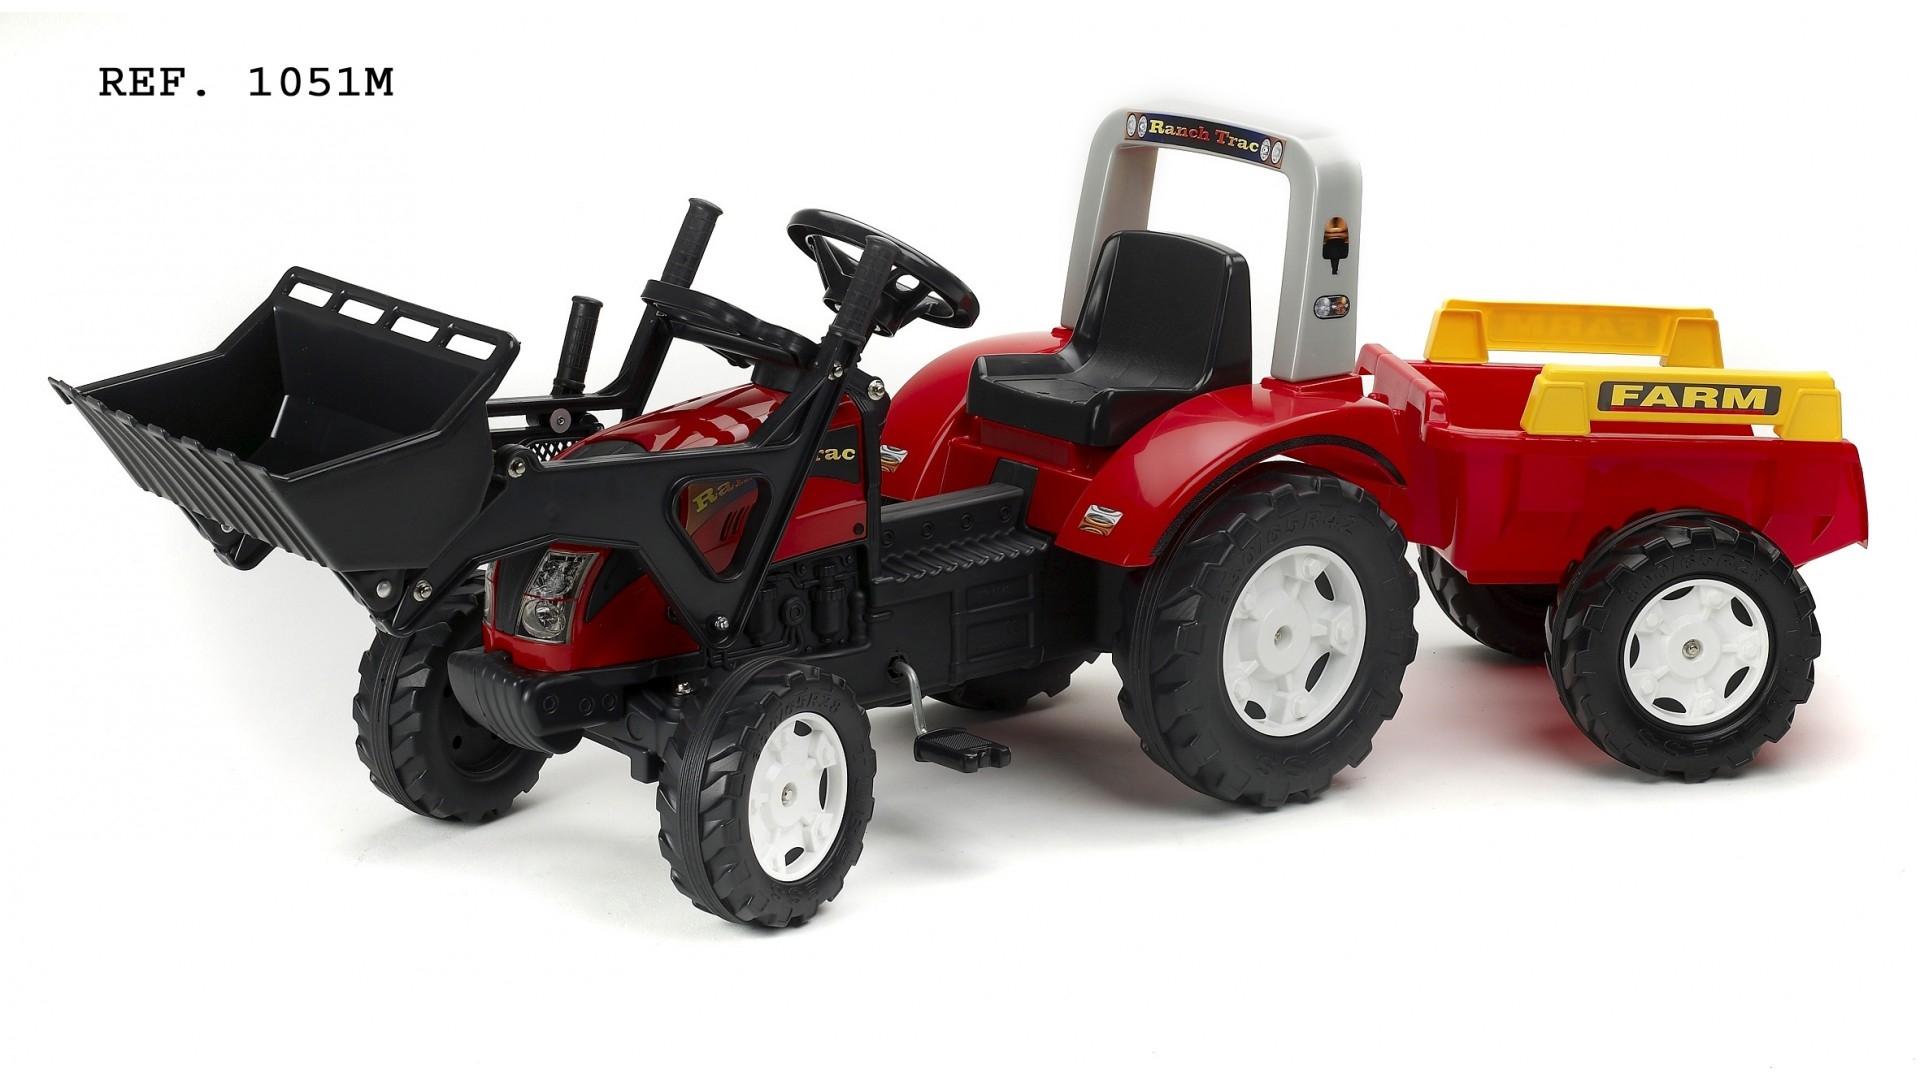 Veliký šlapací traktor Falk Ranch s funkční přední lžící, 2 kolovým valníkem, délka 191cm, Made in France,